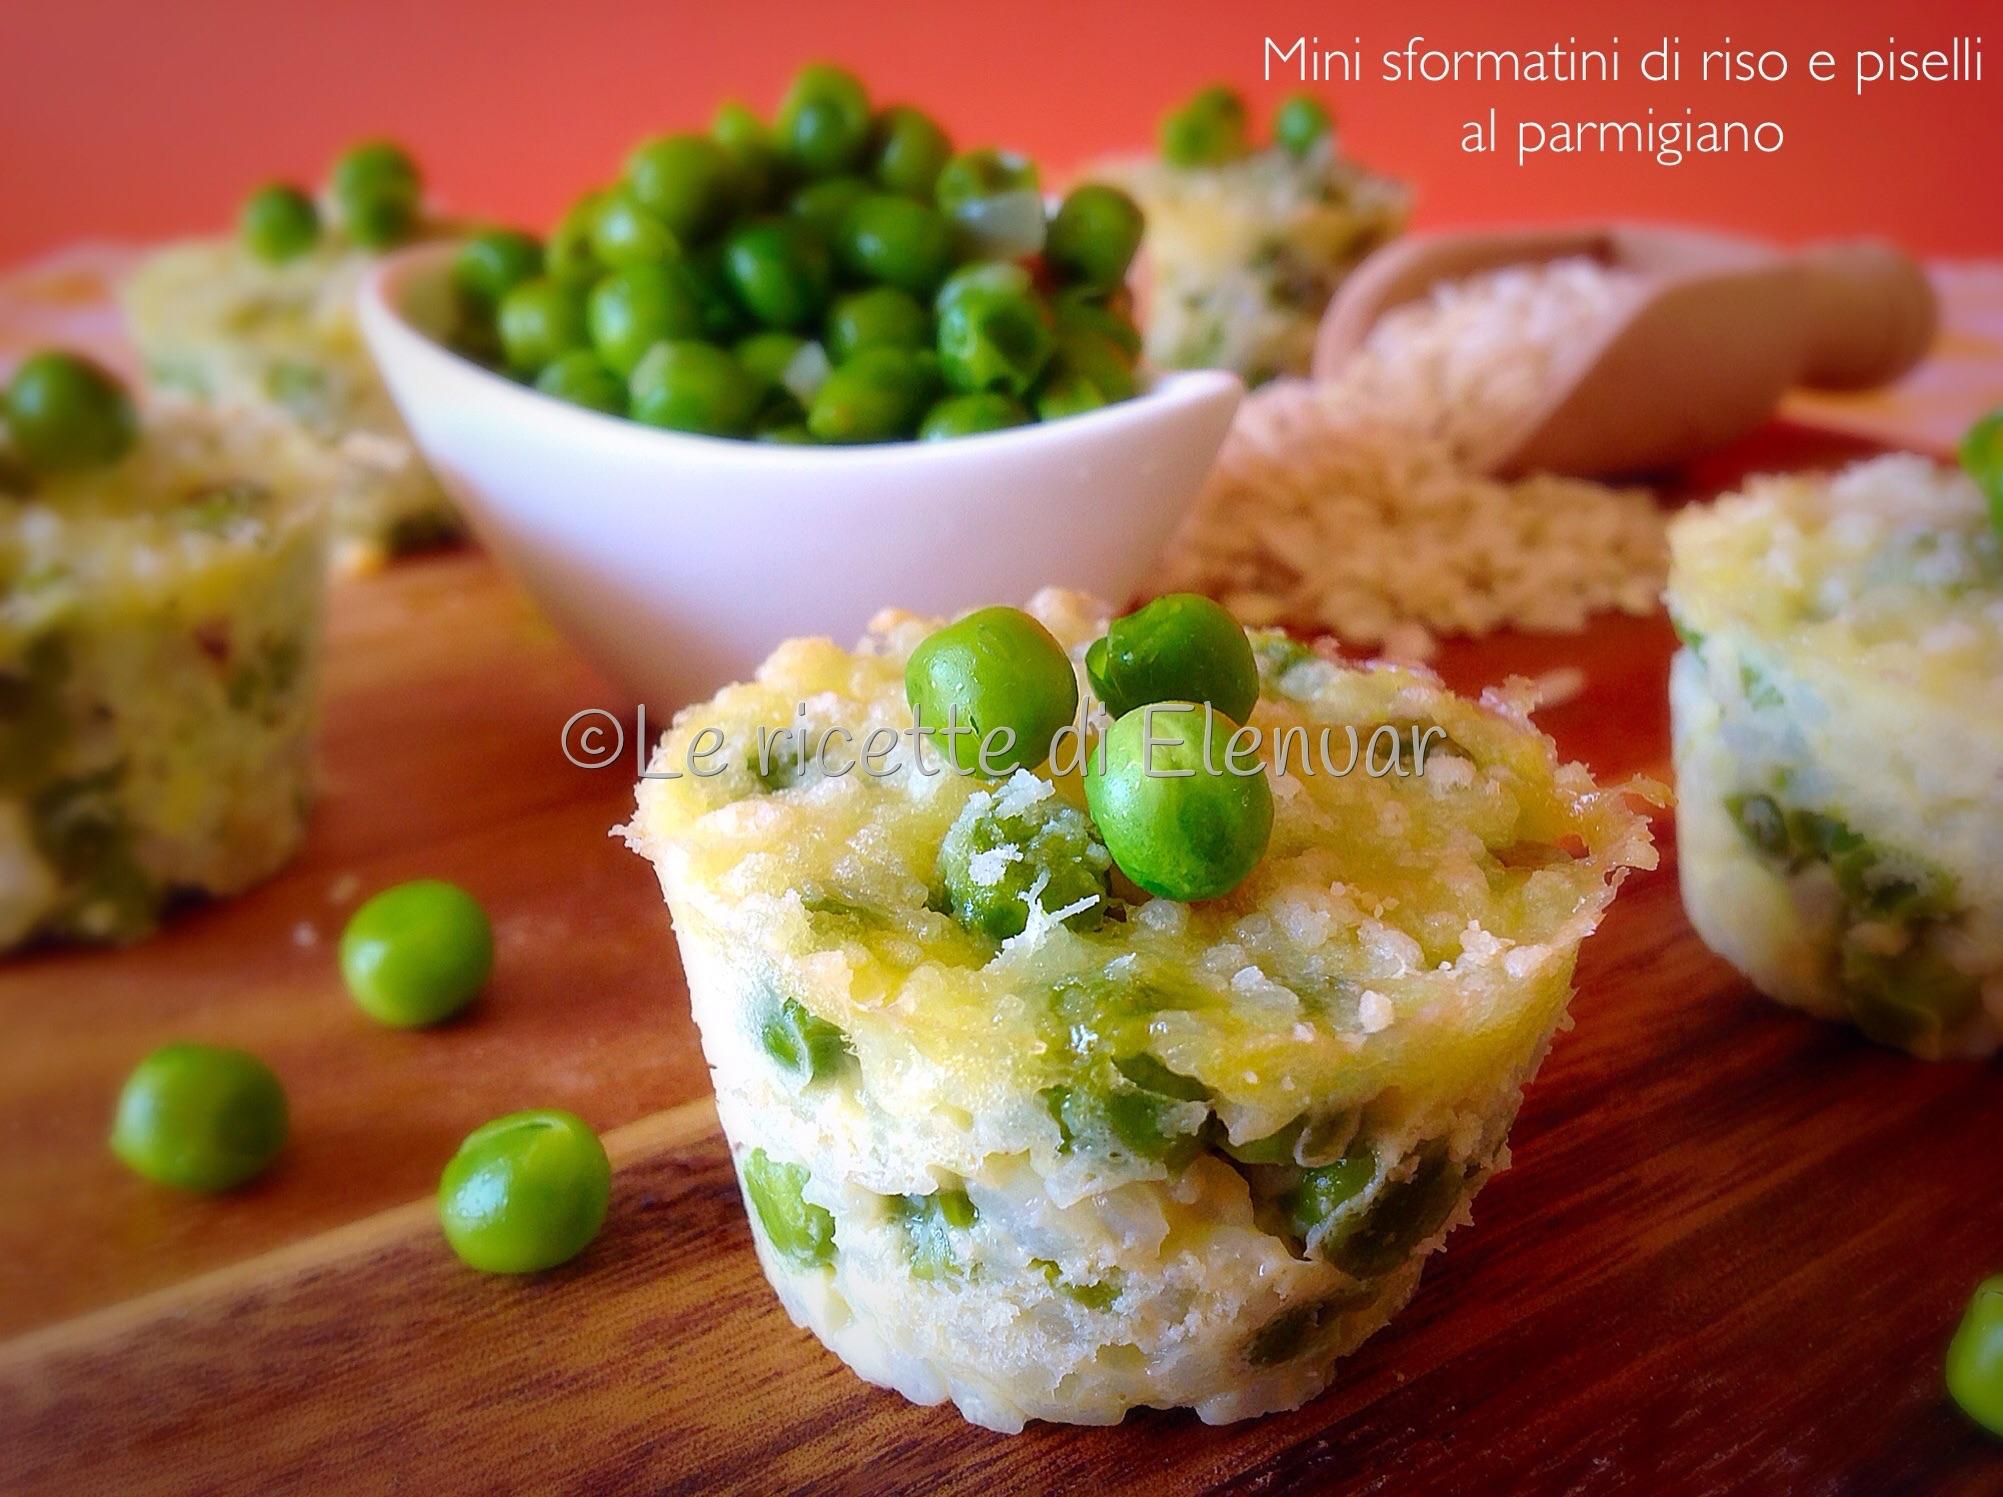 Mini sformatini di riso e piselli al parmigiano - Apericena cosa cucinare ...